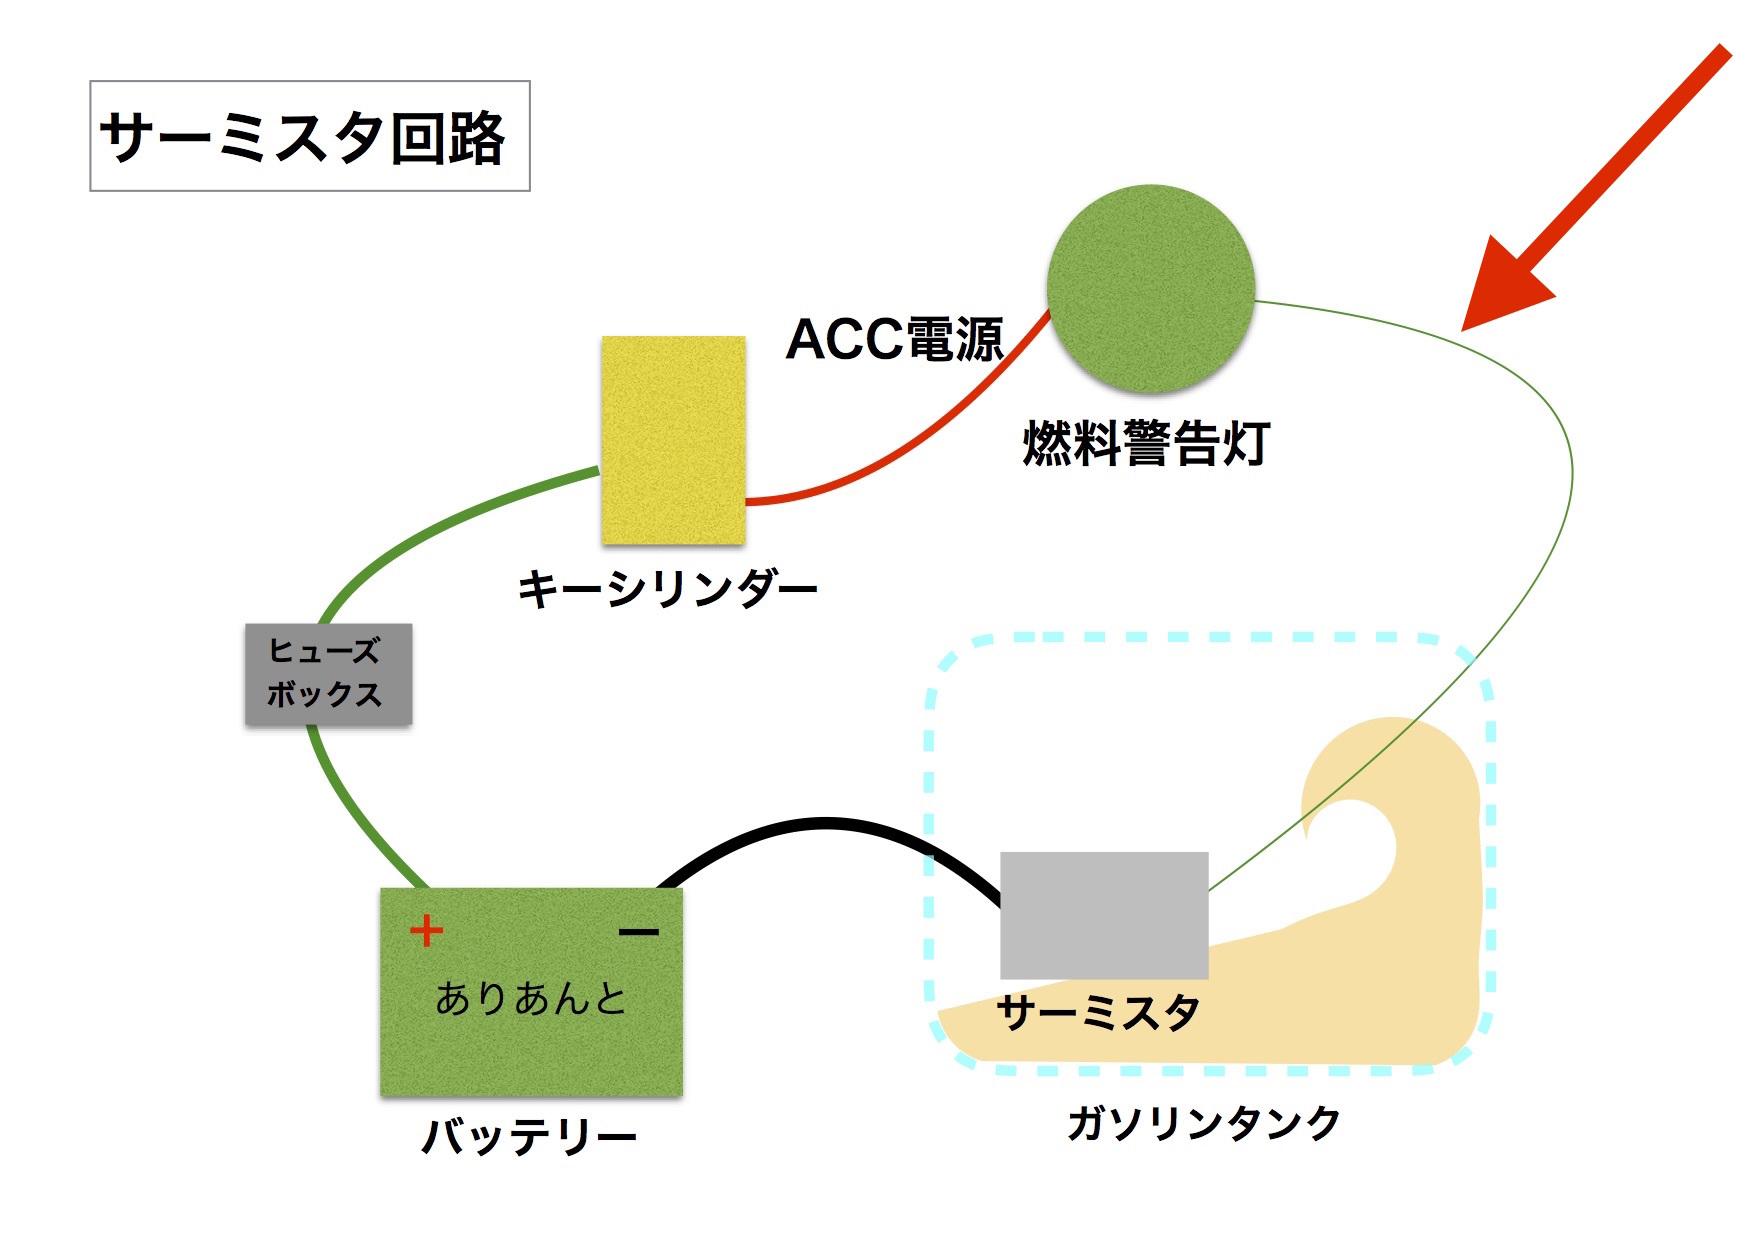 【DB7】サーミスタ回路 ACC電源が・・・_e0159646_02265426.jpg